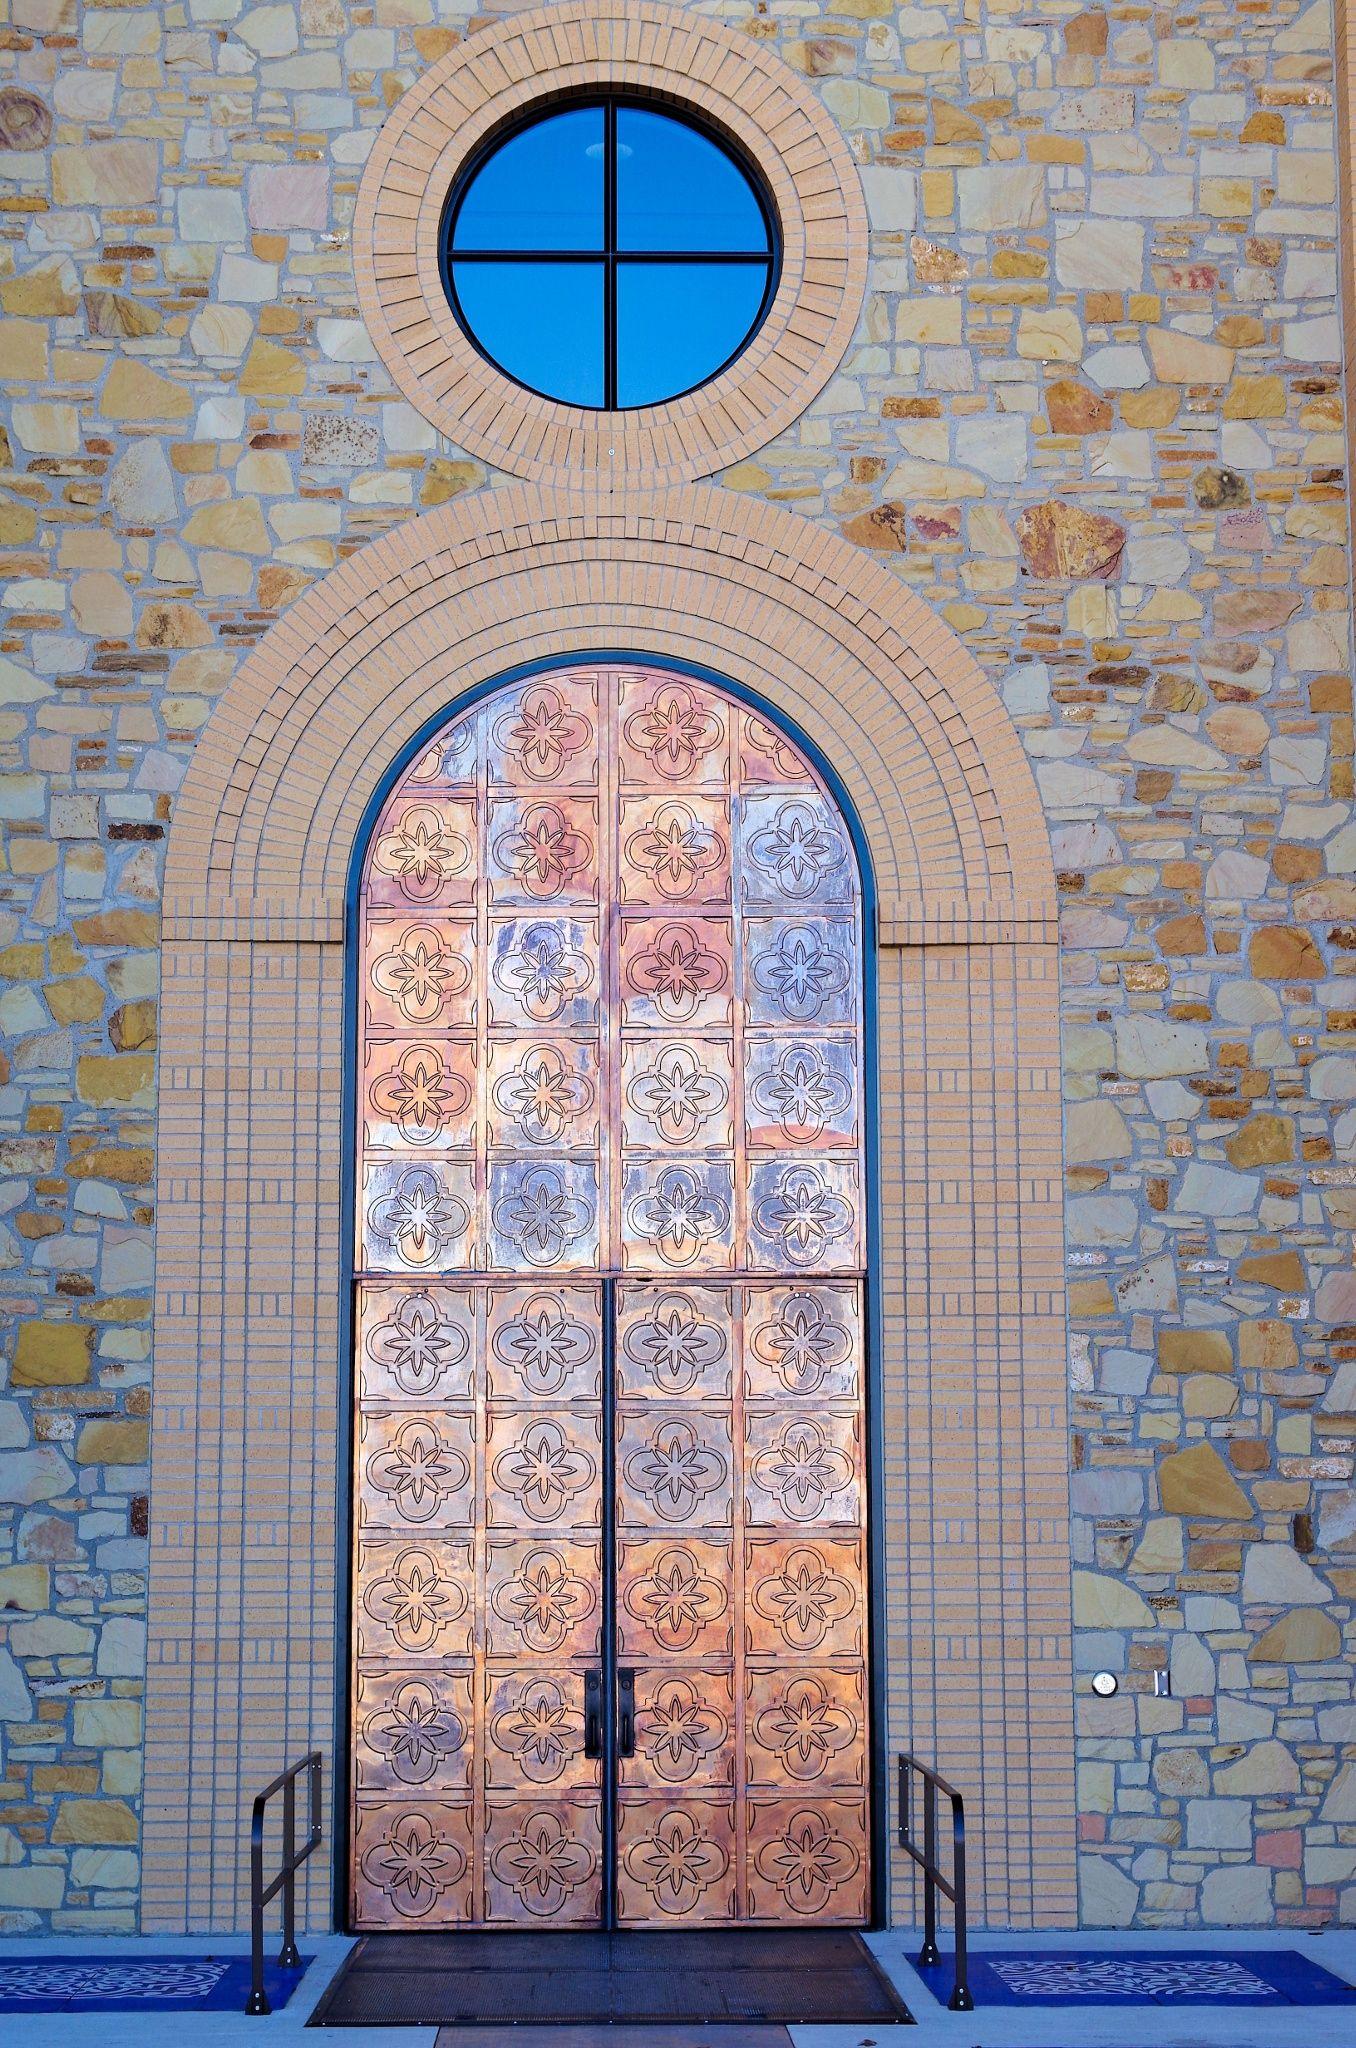 C&us Door at Texas Au0026M located in San Antonio Texas. - by Gary Richards on 500px & Campus Door at Texas Au0026M located in San Antonio Texas. - by Gary ...